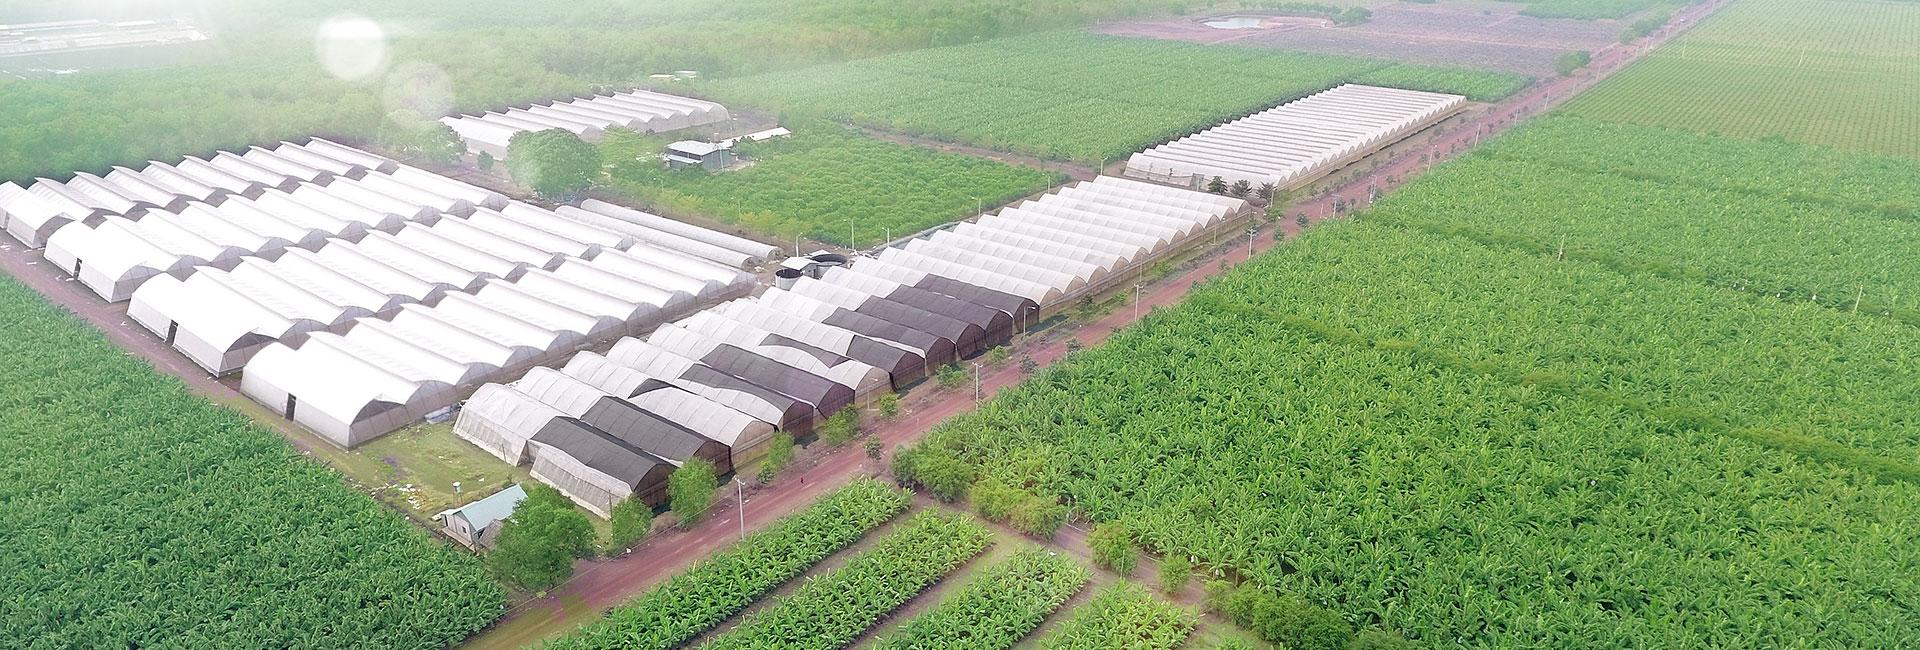 Khu nông nghiệp ứng dụng công nghệ cao AN THÁI